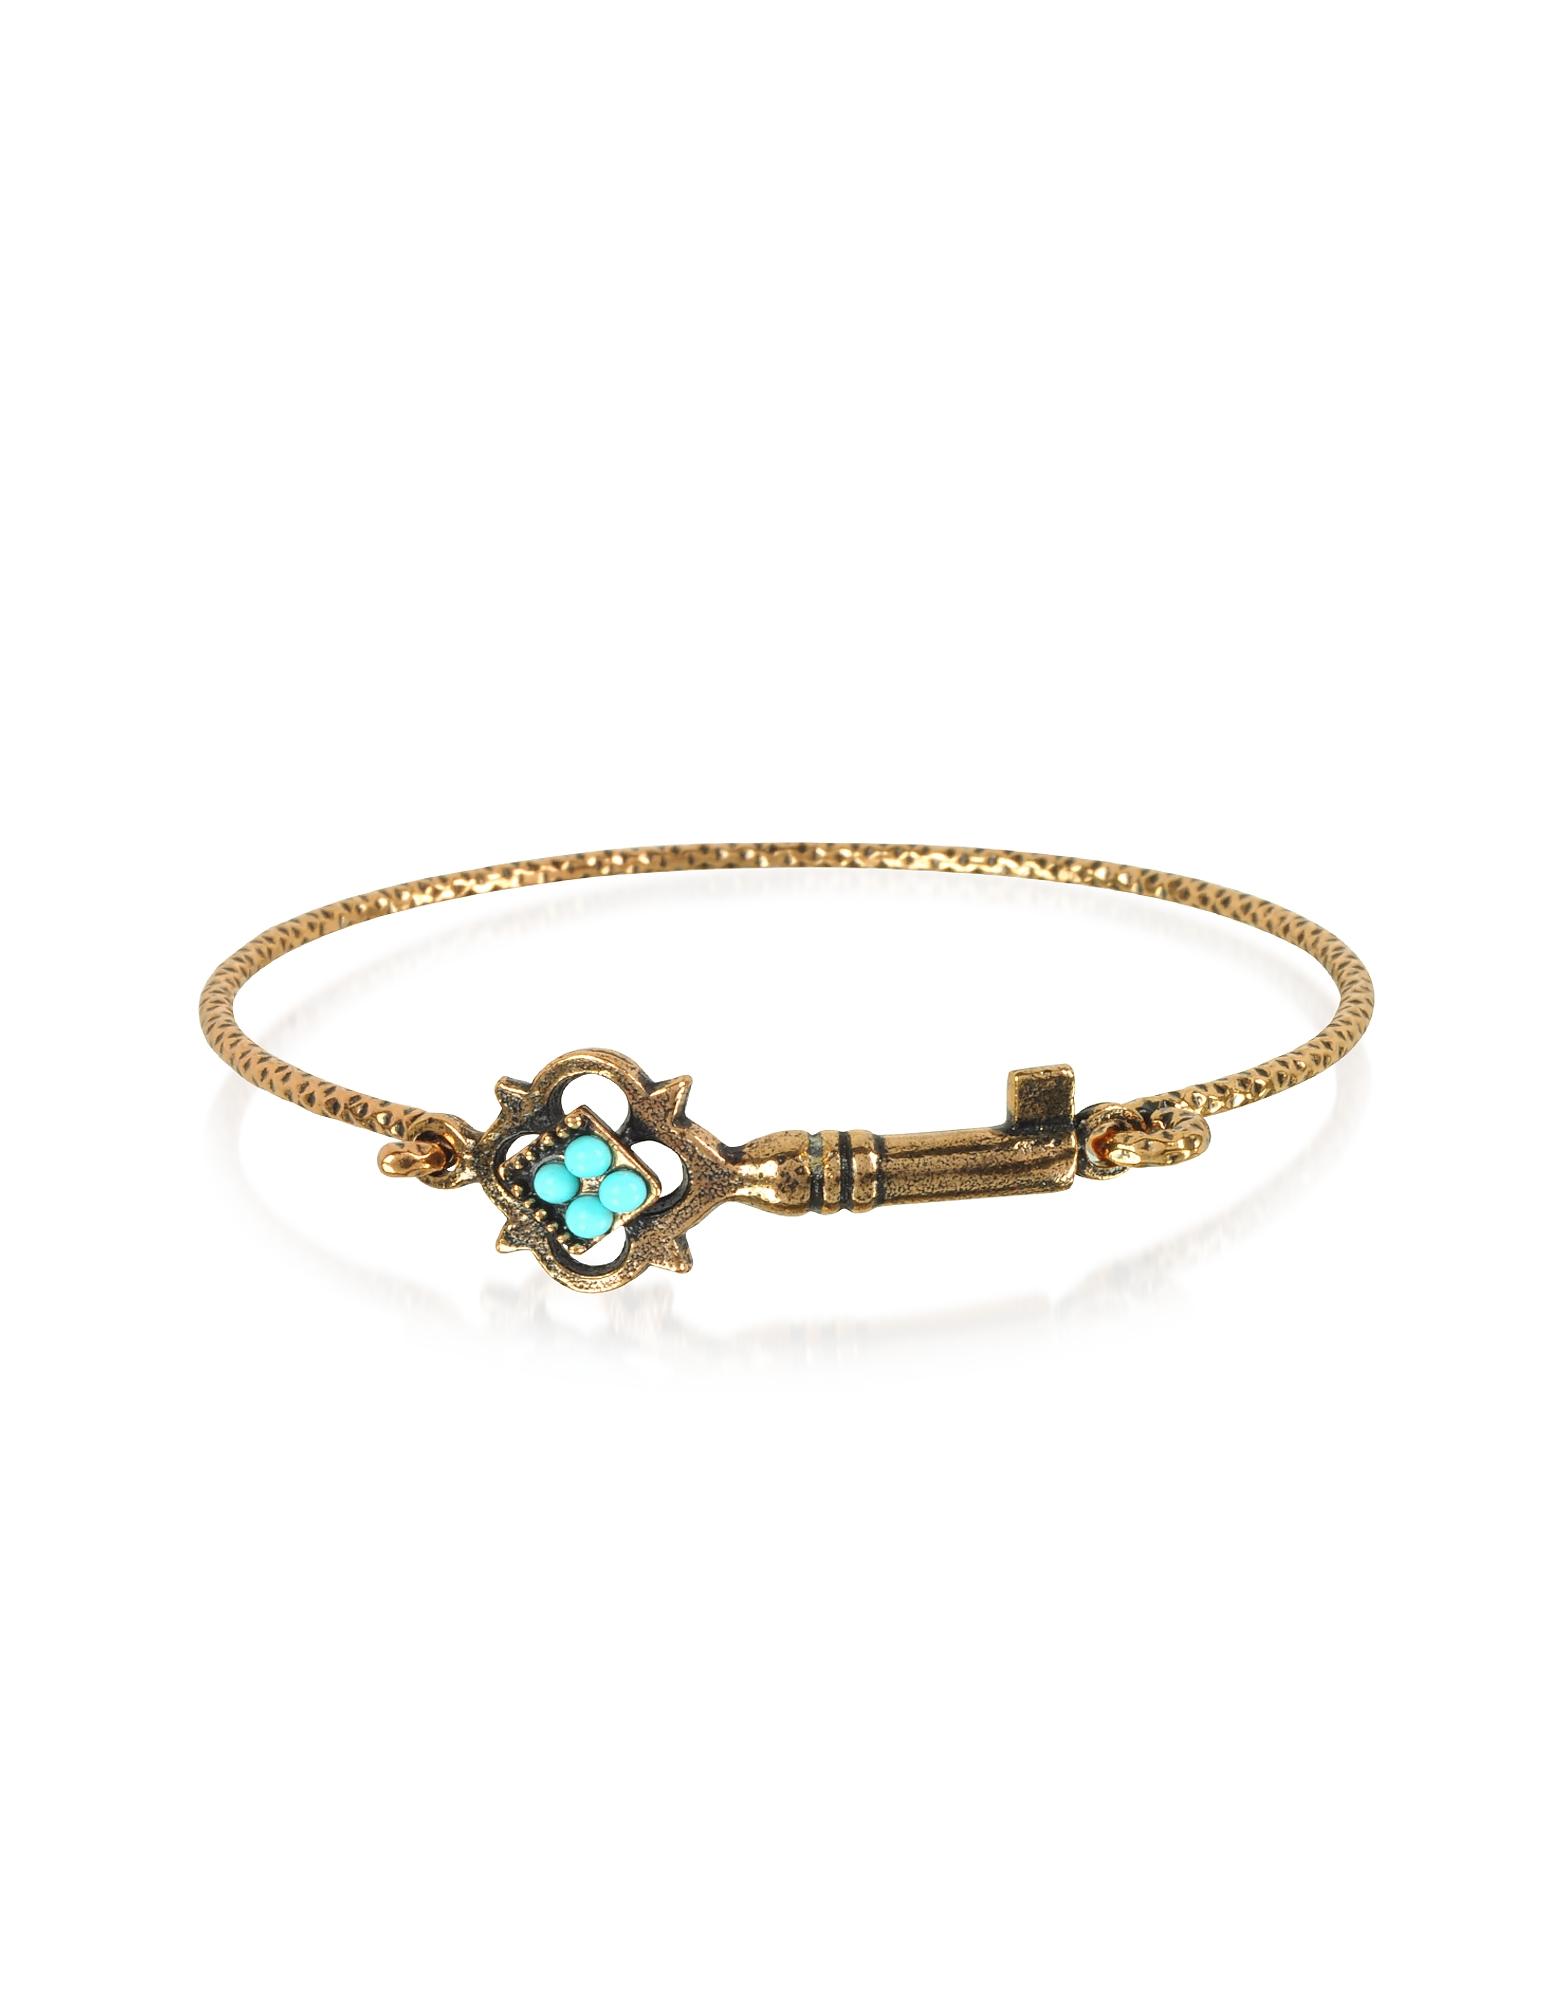 Turquoise Key Bracelet